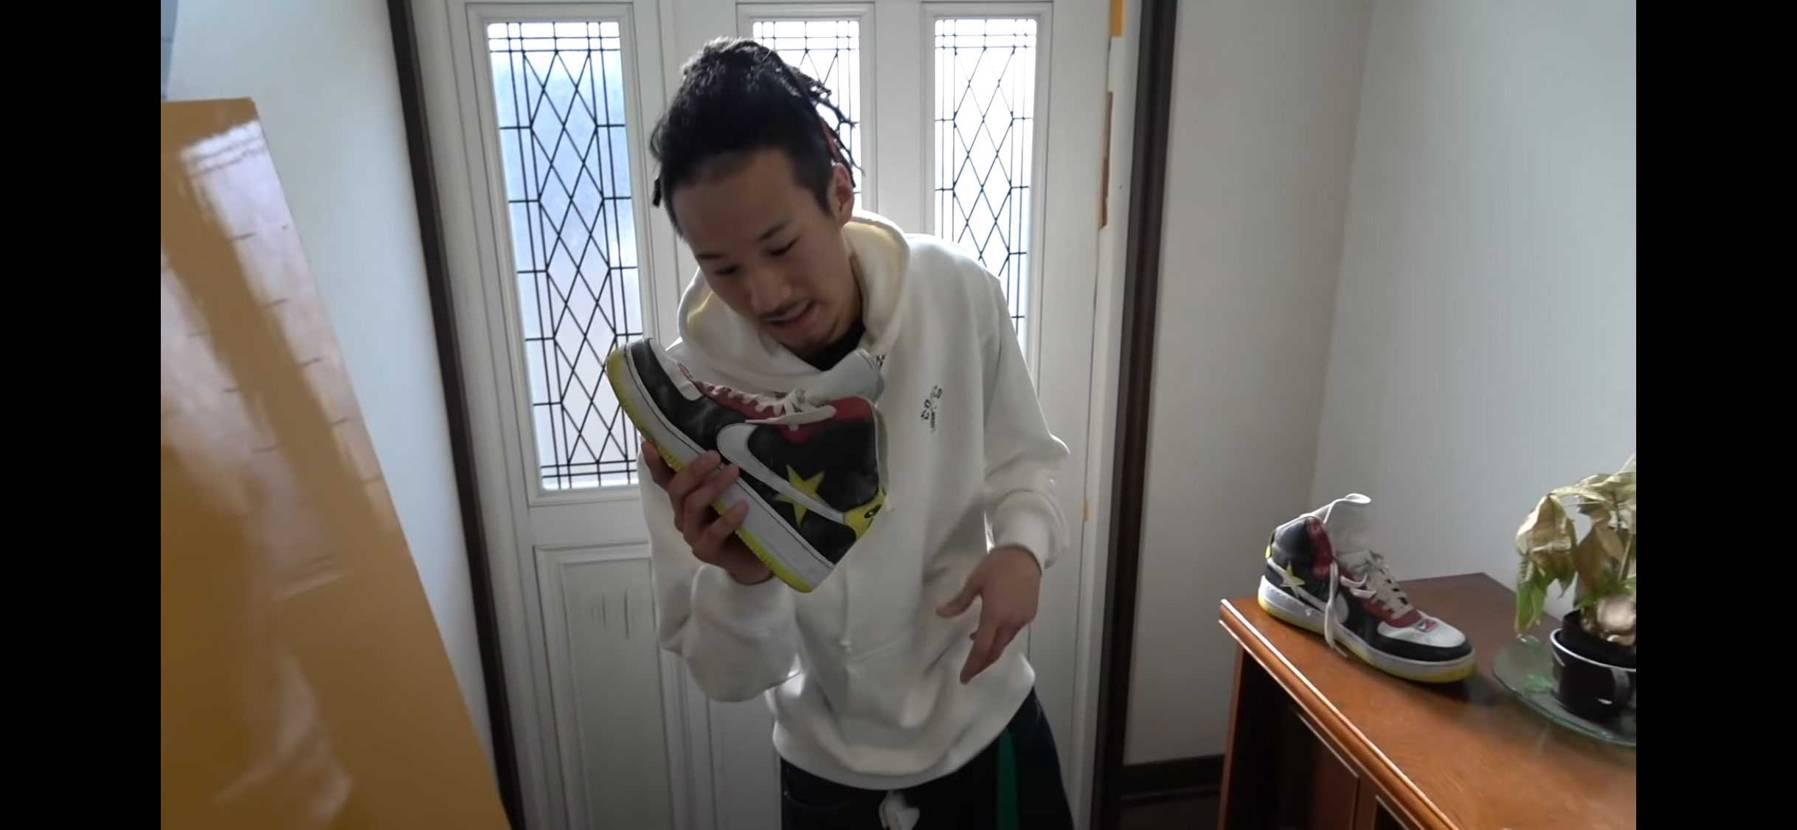 どなたか、このMYくんがセメント積められた靴わかるかたいますか?